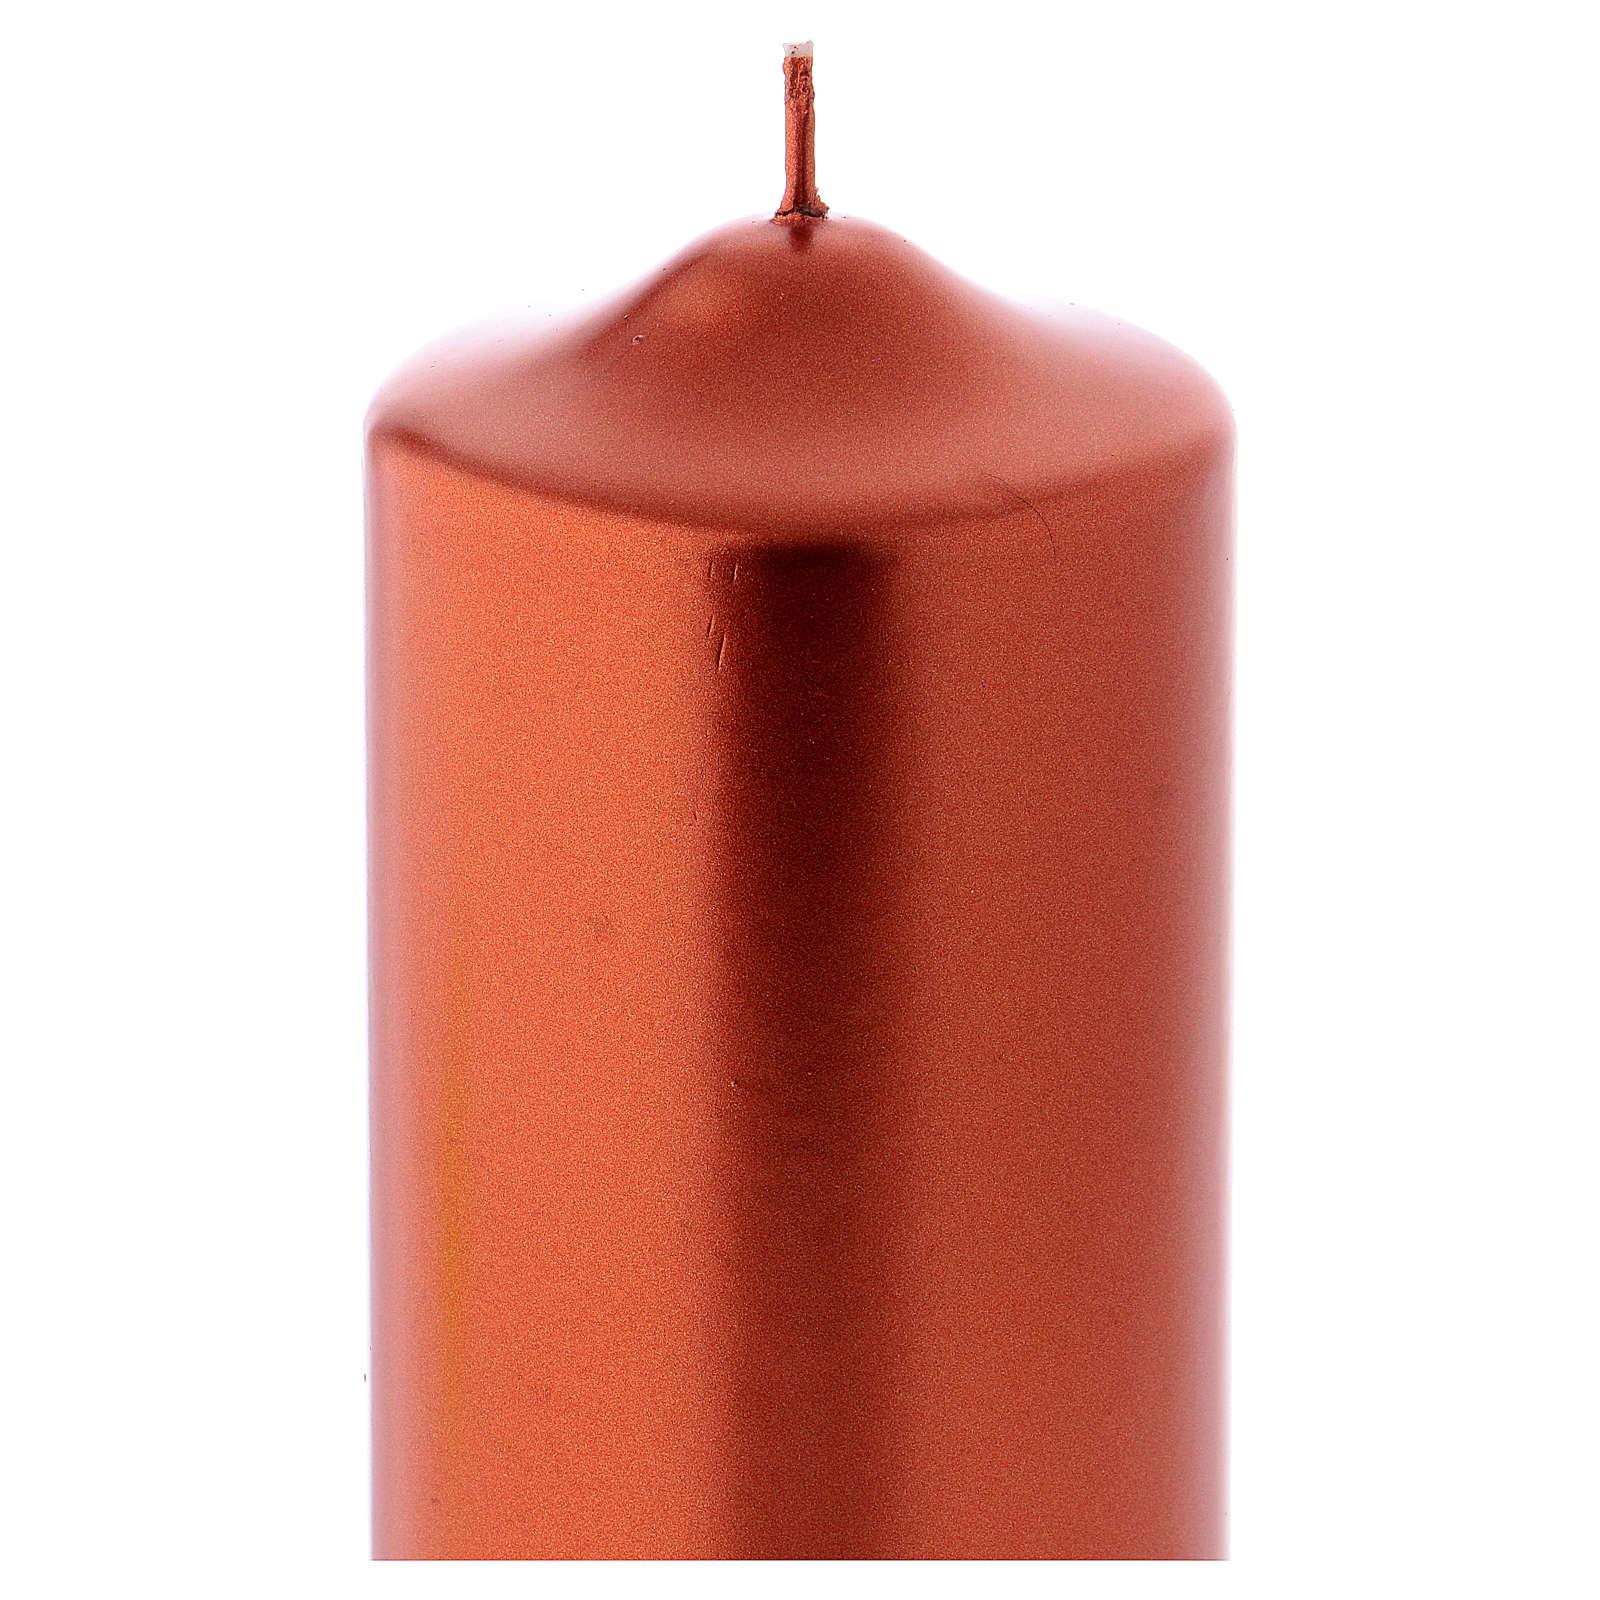 Vela de Natal acabamento metálico Ceralacca 15x8 cm cobre 3